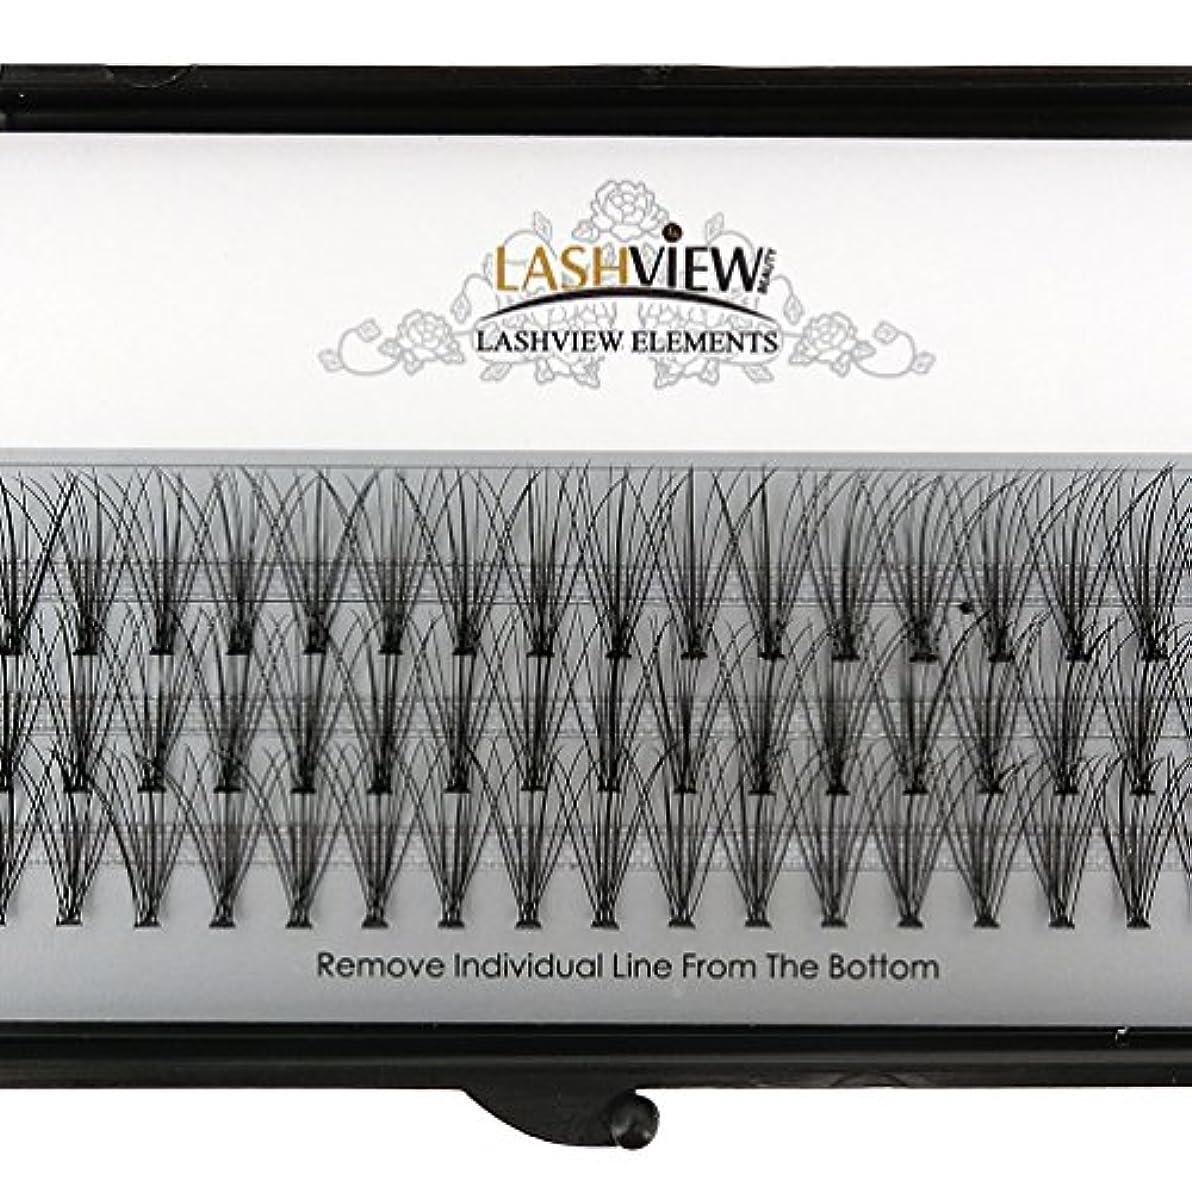 幽霊コンパクト十年LASHVIEW 高品質まつげエクステ太さ0.10mm Cカール フレア セルフ用 素材 10本束12mm マツエク